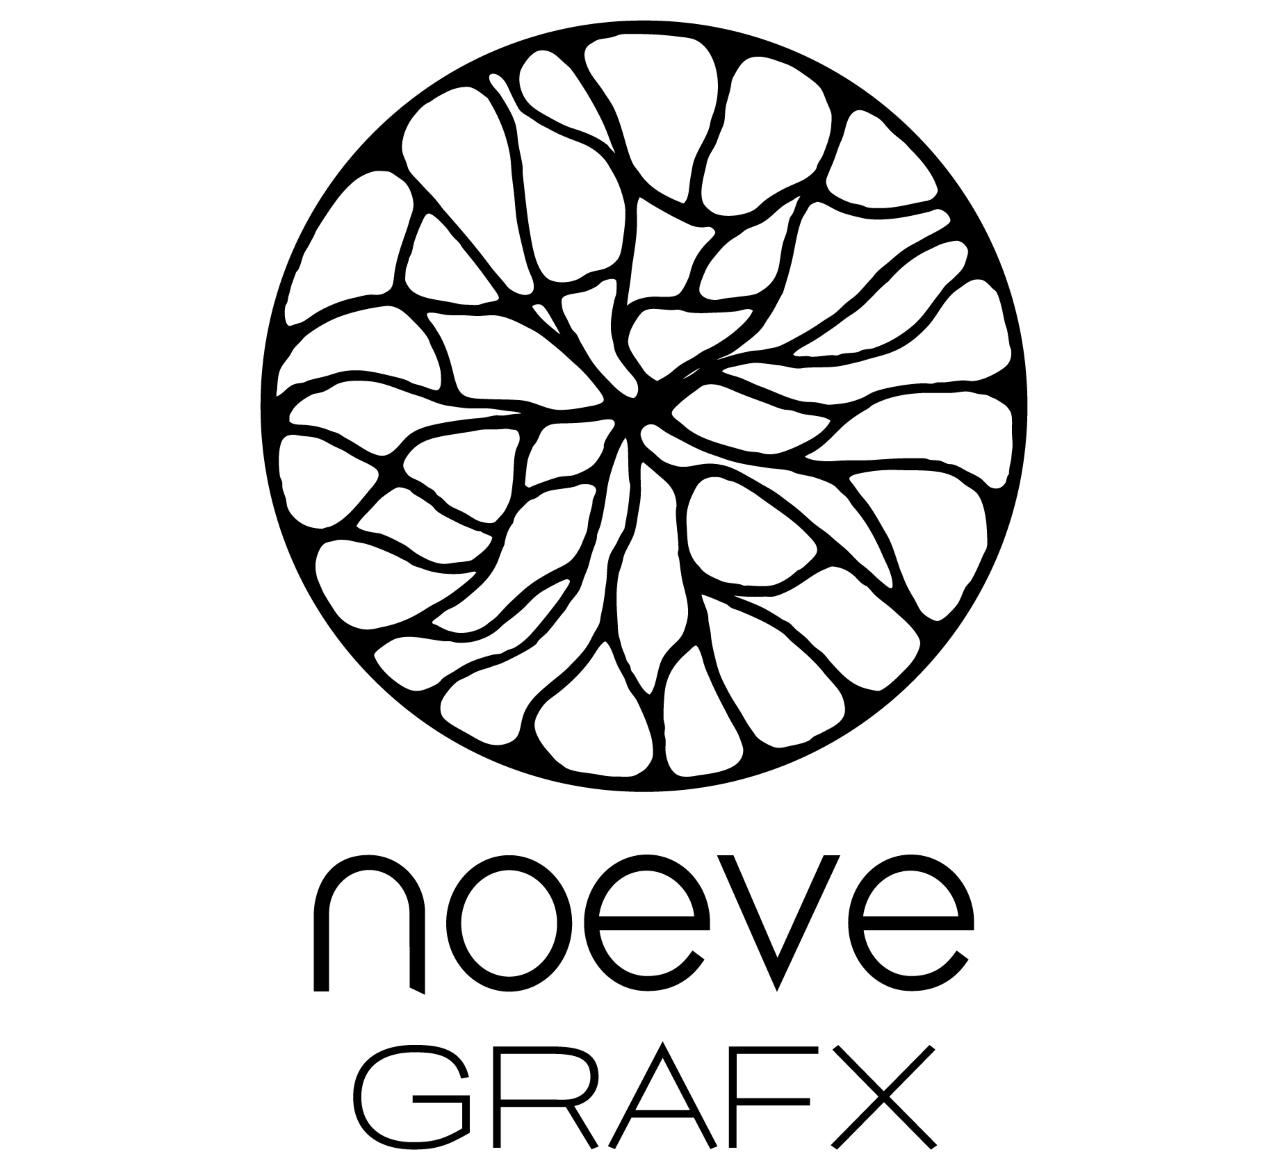 """noeve grafx on Twitter: """"Bonjour à tous et à toutes ! Nous sommes l'équipe  de #NOEVEGRAFX et nous avons le plaisir de vous annoncer aujourd'hui notre  lancement en tant qu'#éditeur de #manga et d'#artbooks inédits! …  https://t.co/gPrWmE6zh8"""""""